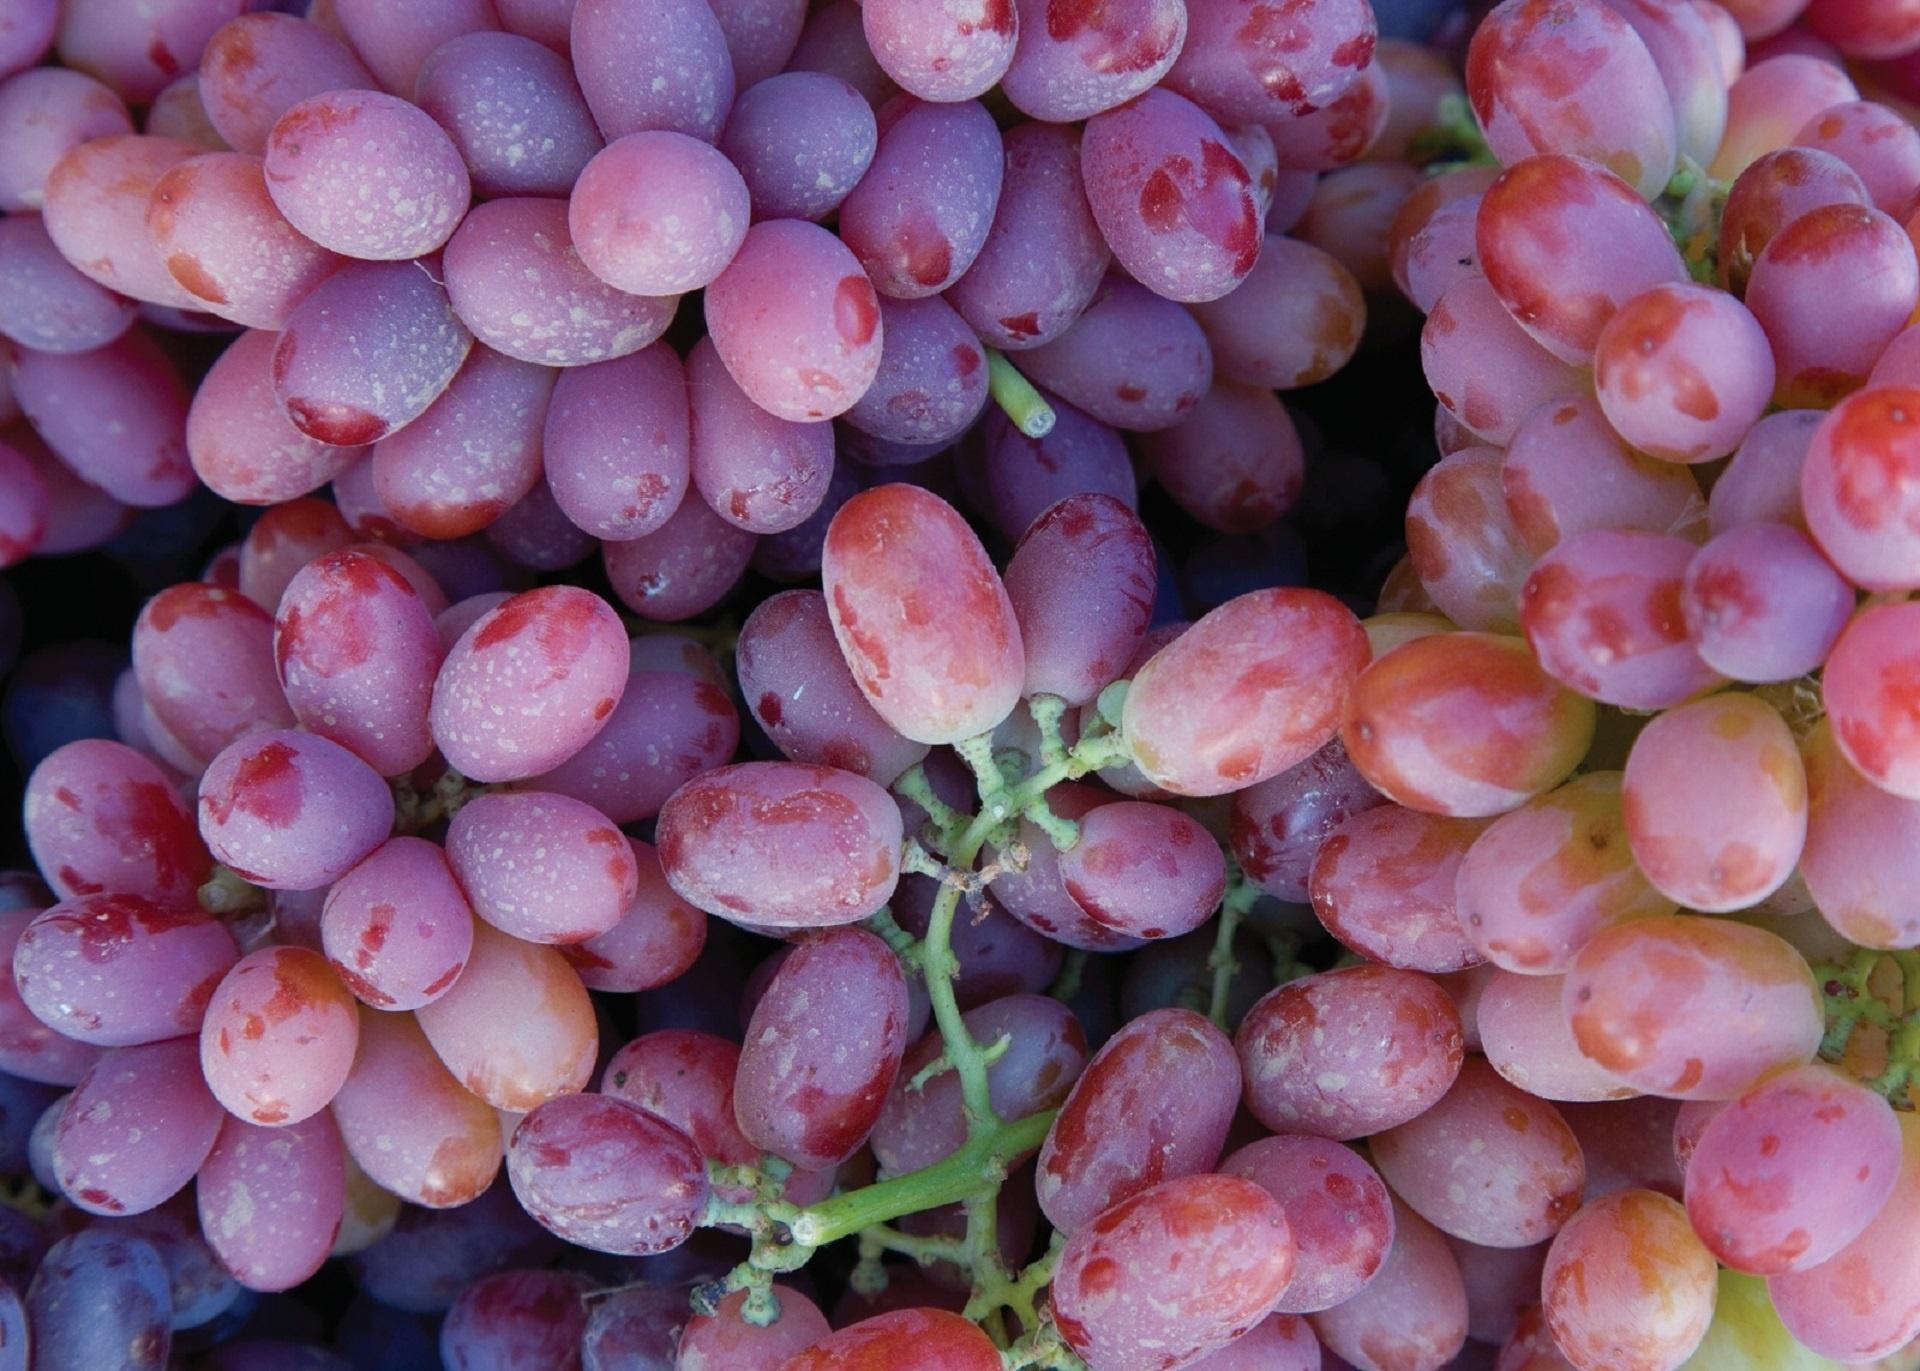 Global grape output climbs 4% despite EU losses